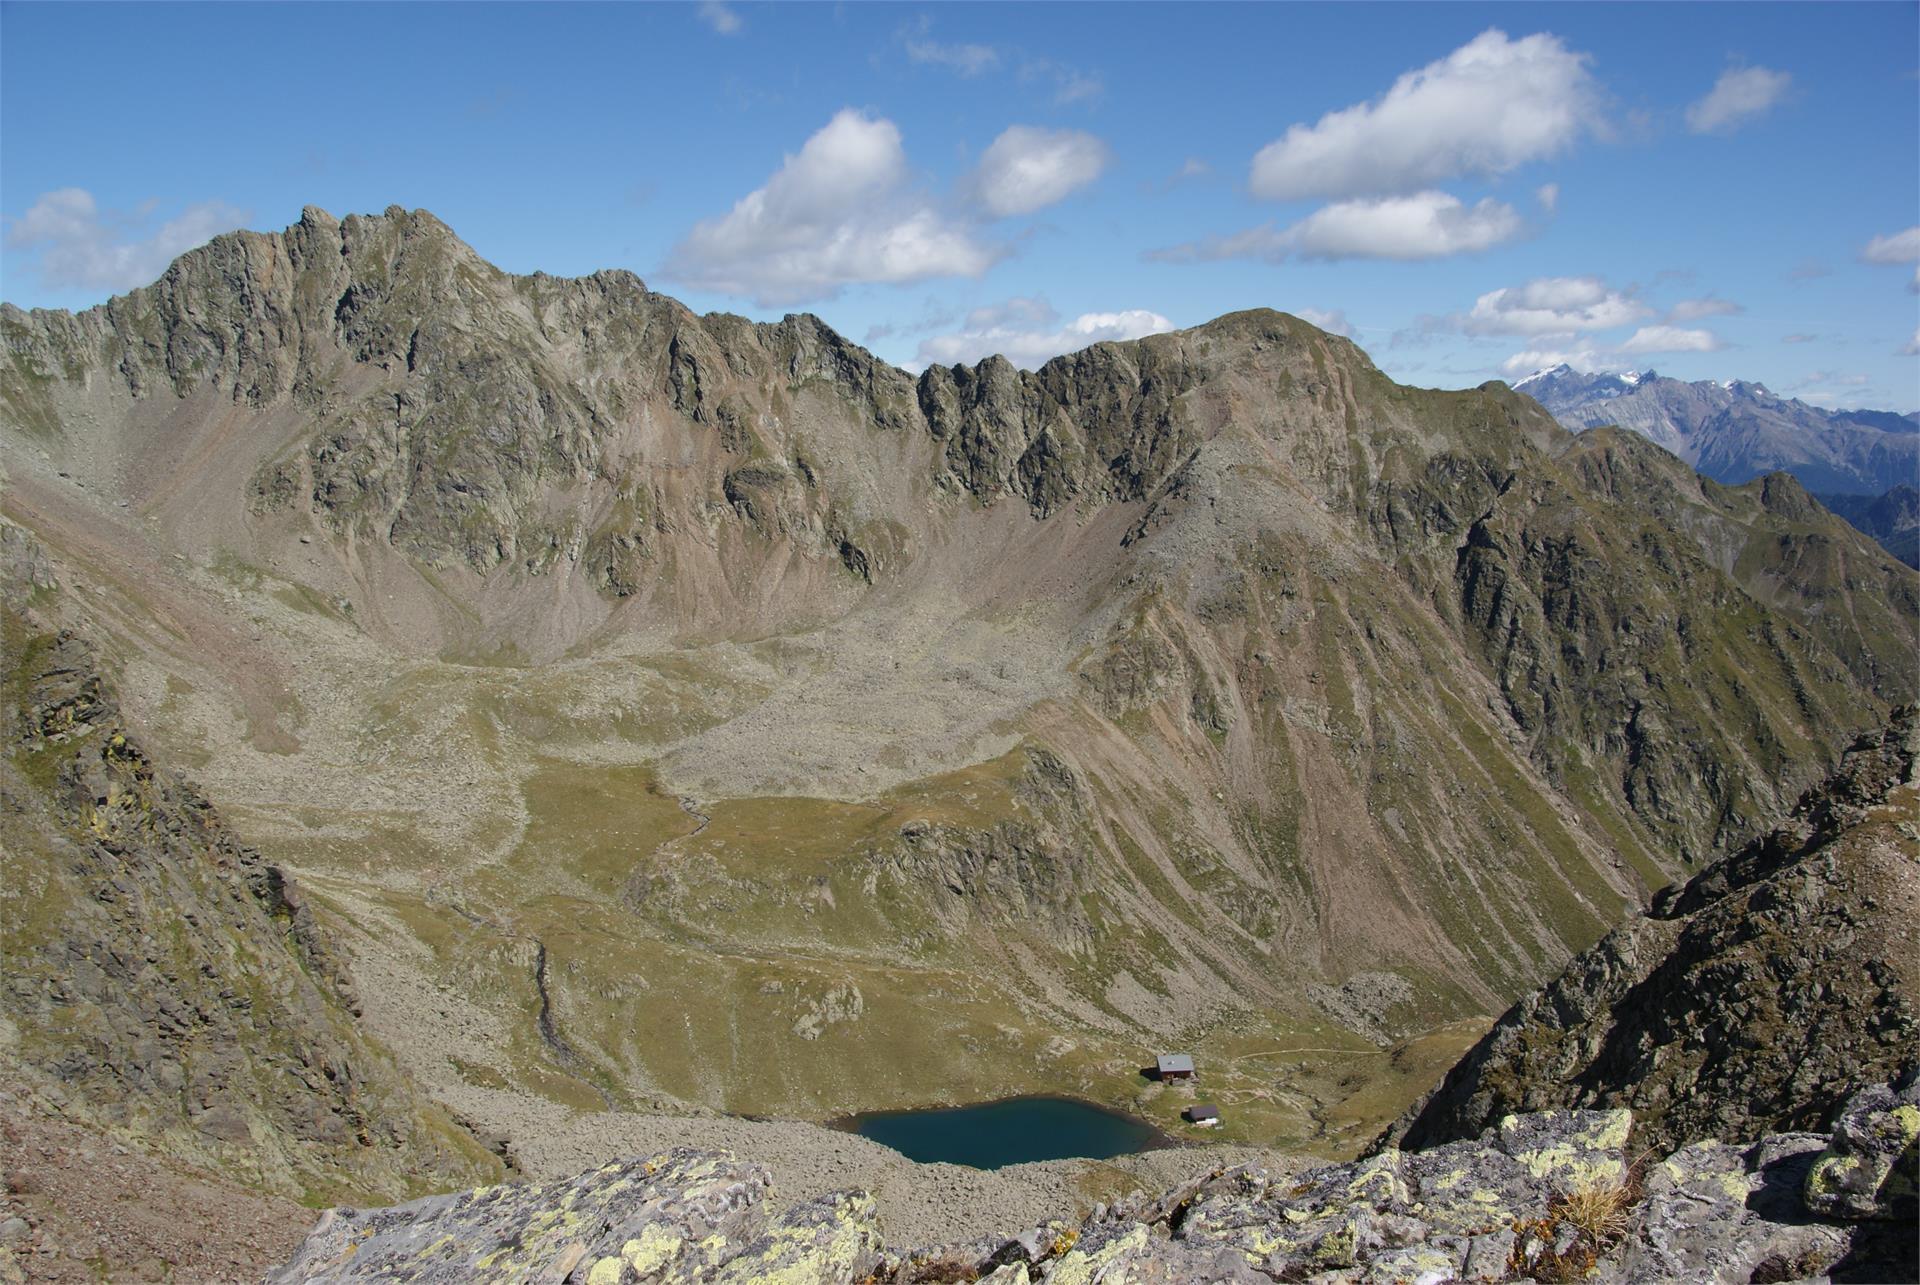 Bergtour zur Kempspitze